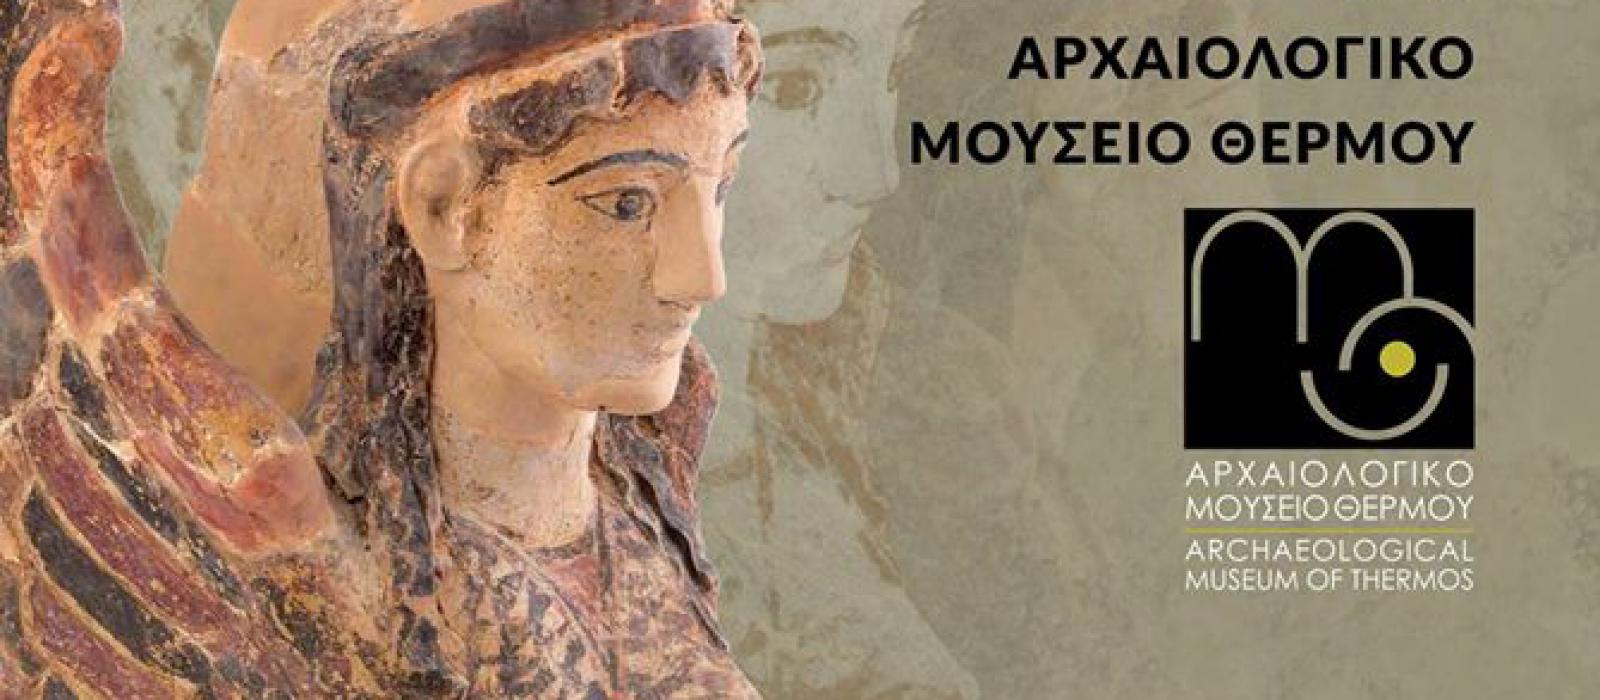 Εγκαίνια του νέου Αρχαιολογικού Μουσείου Θέρμου (Δελτίο Τύπου Υπουργείου Πολιτισμού)